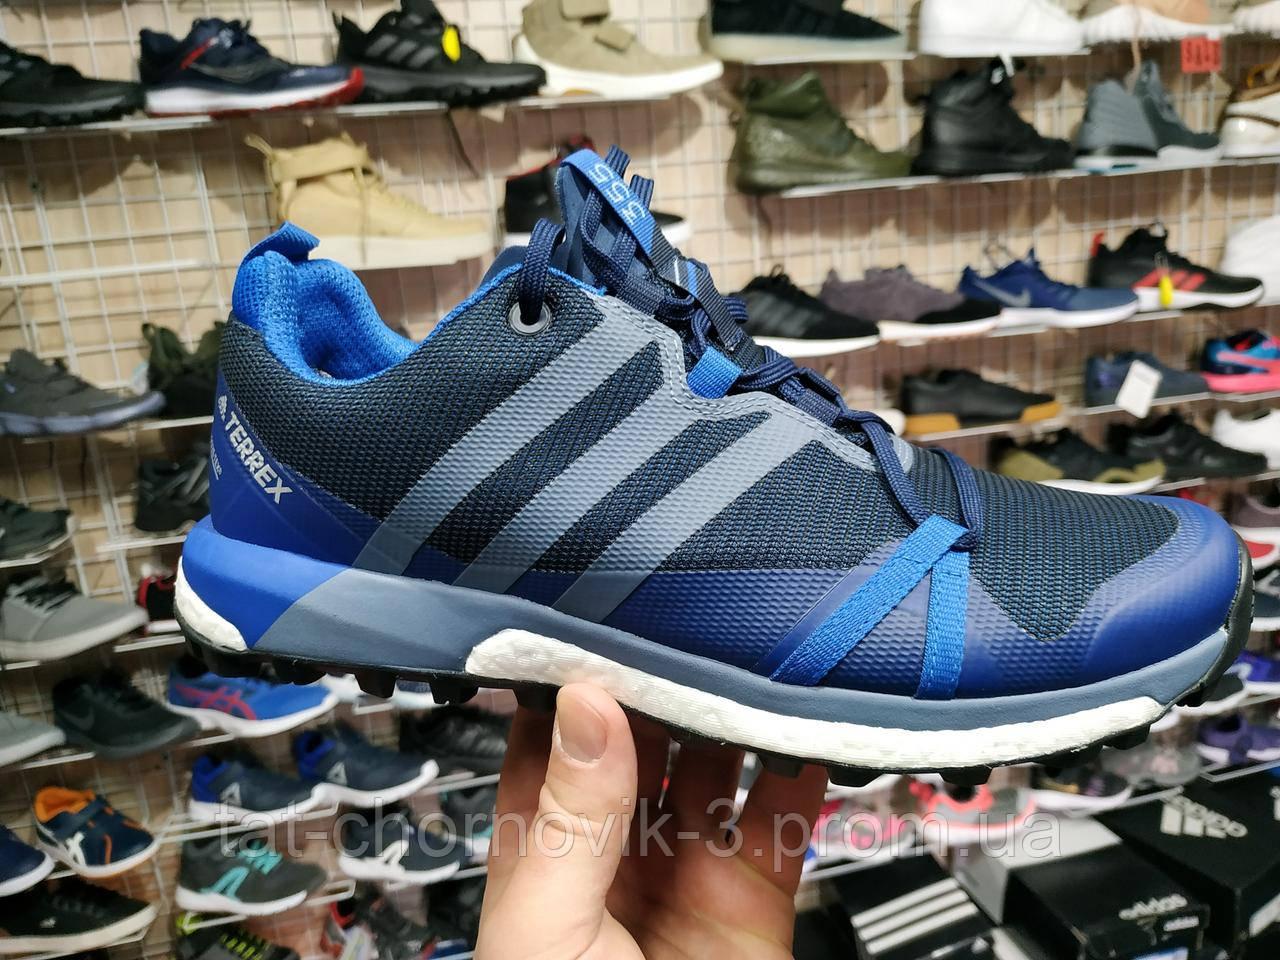 Мужские кроссовки для трейла Adidas Terrex Agravic Gore-Tex art. CM7611